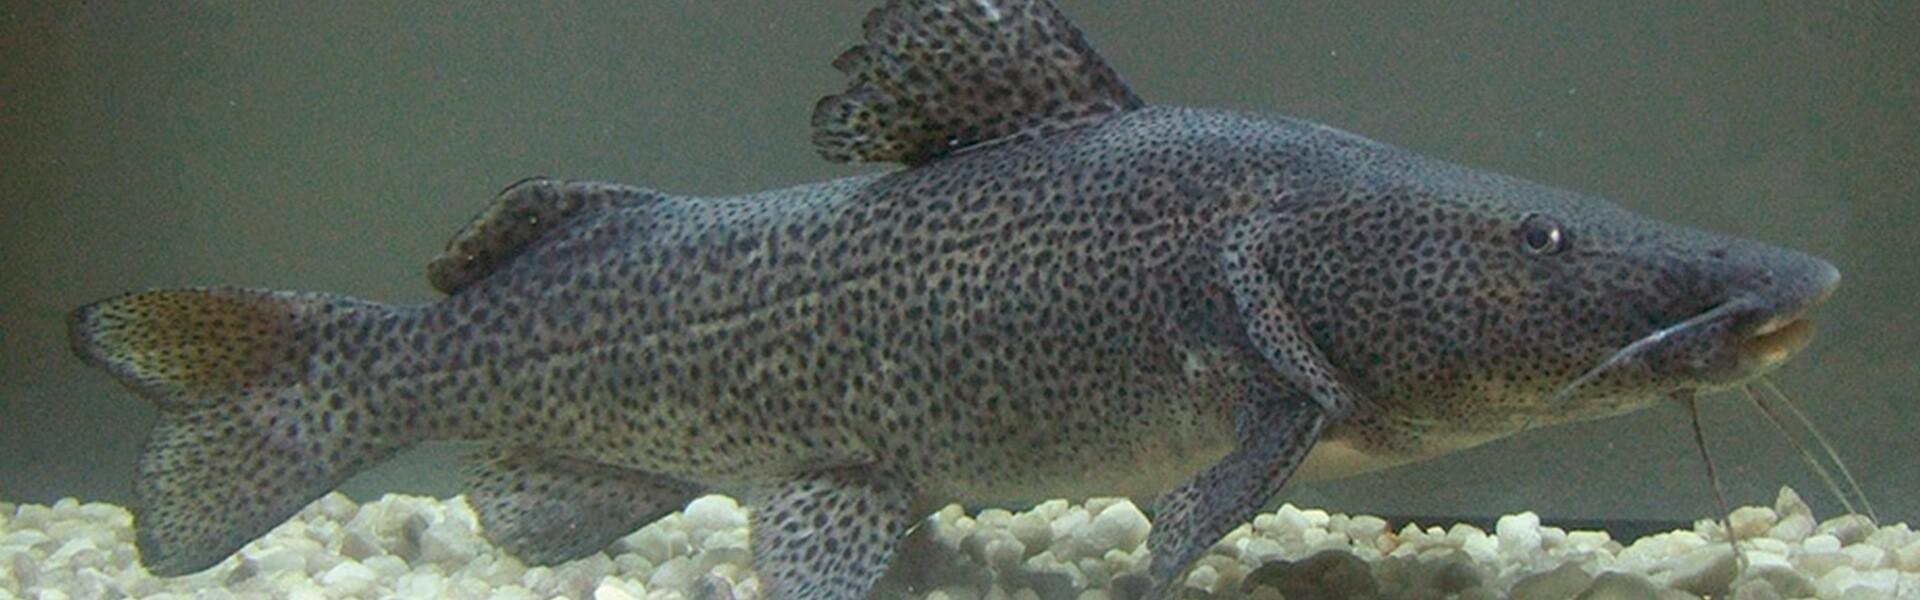 salvando peixes ameaçados